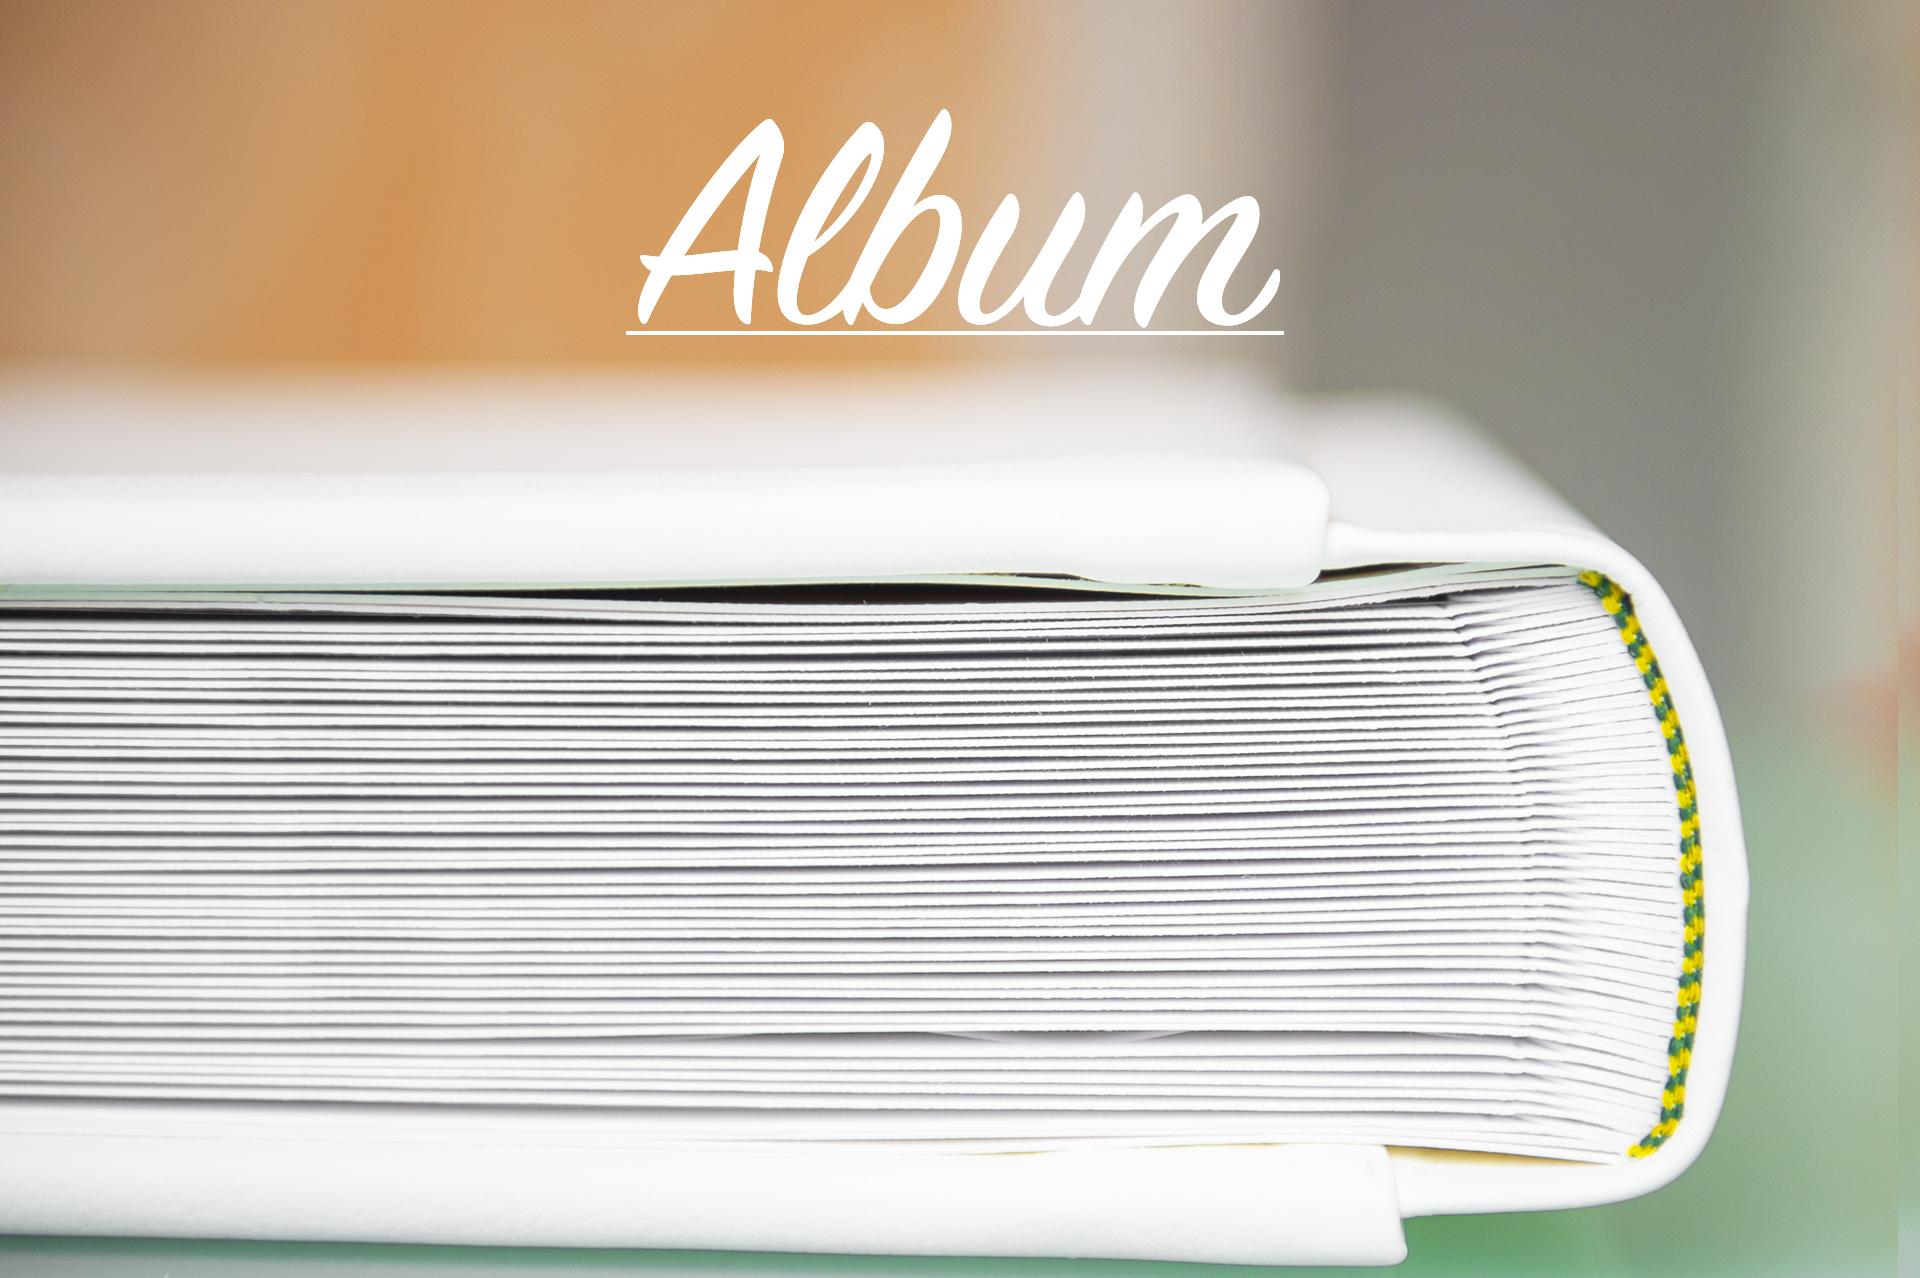 ALBUM-MATRIMONIO-PARMA.jpg